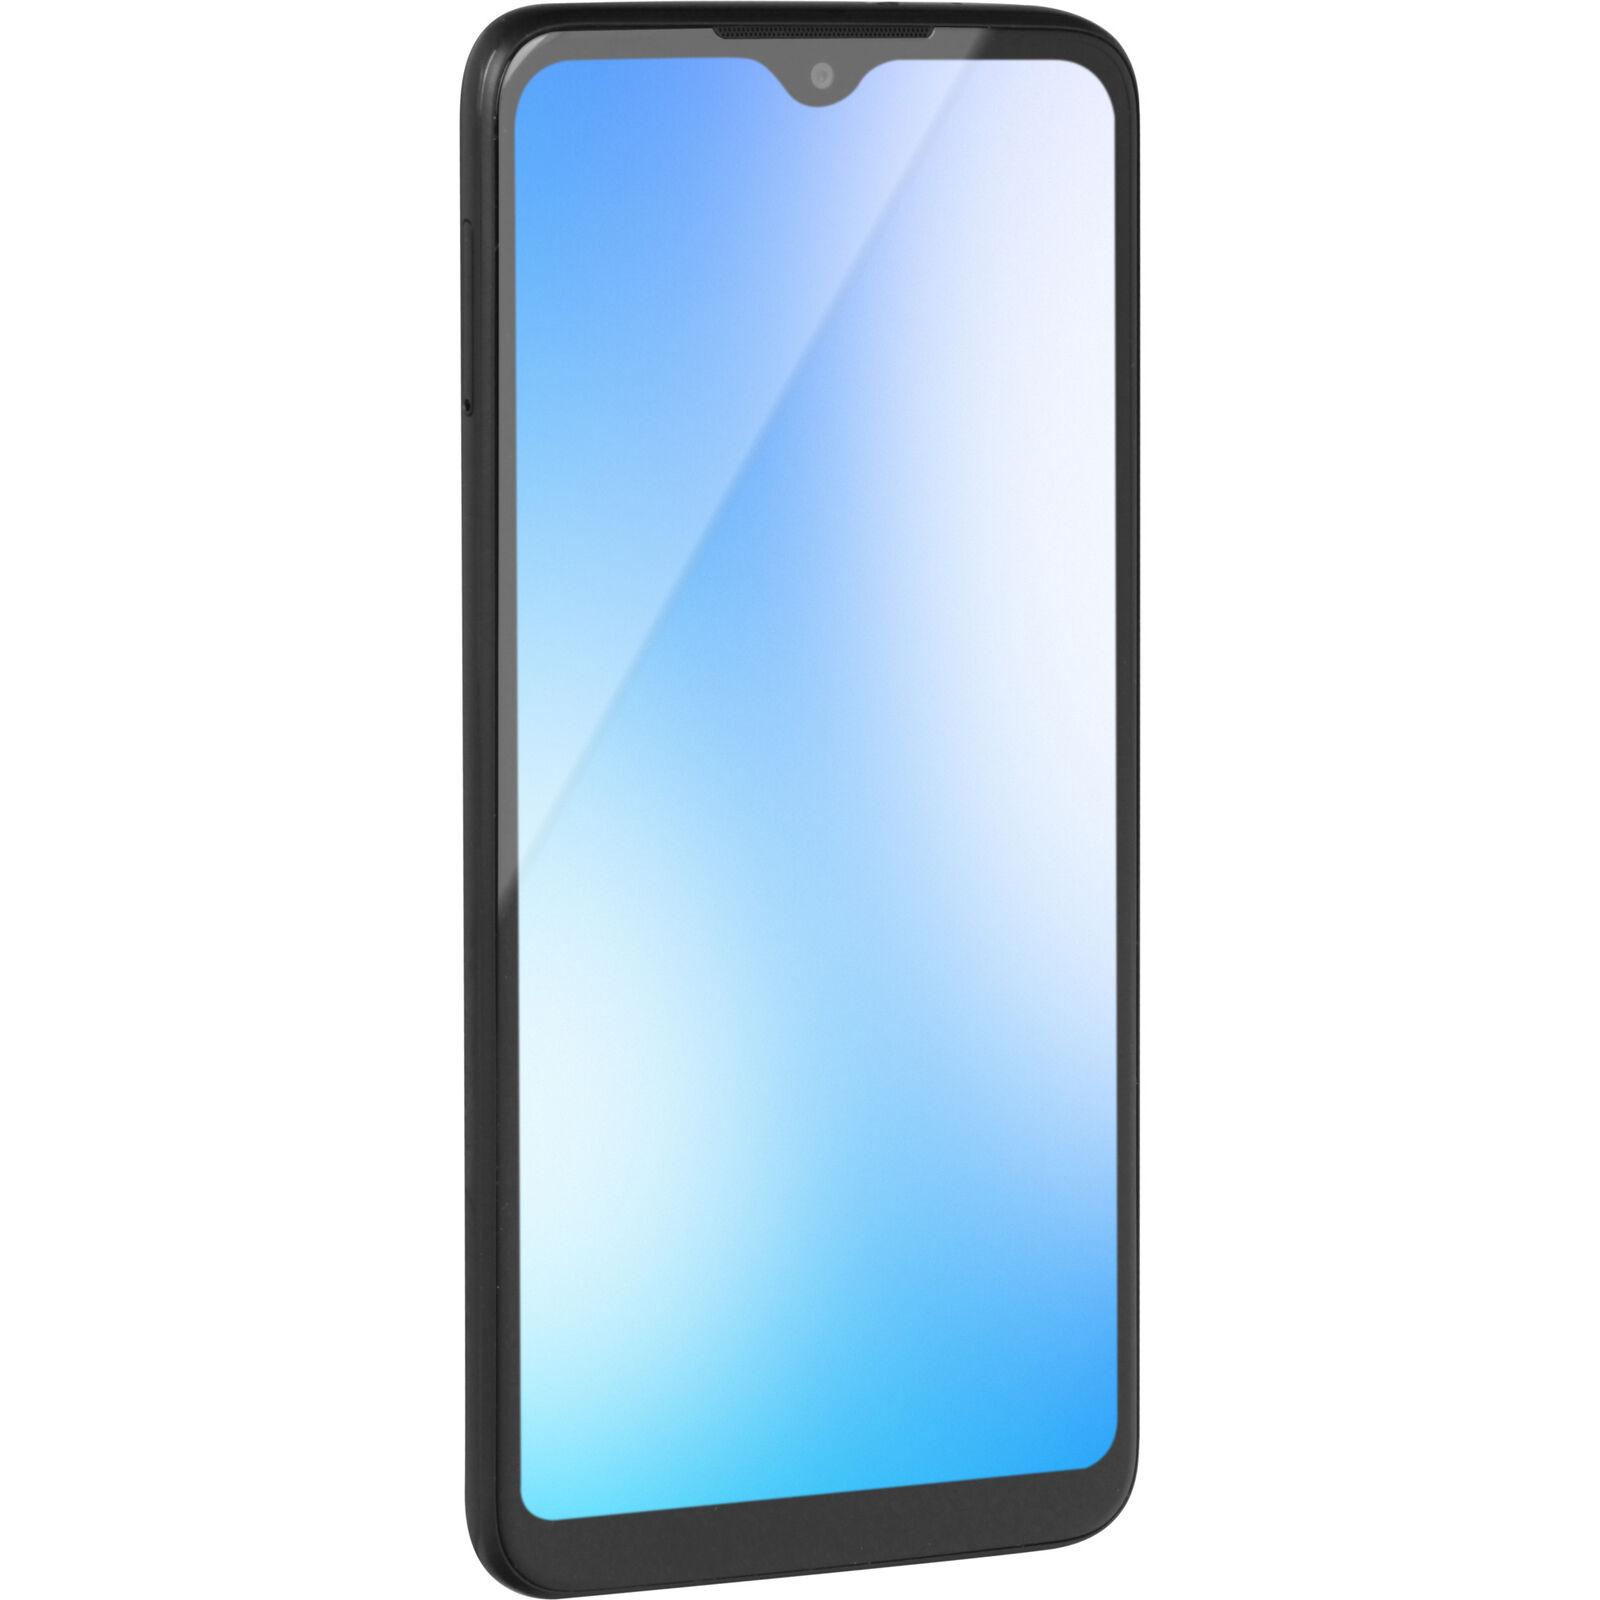 Motorola One Macro 64GB (EU-Ware), Handy, dunkelblau